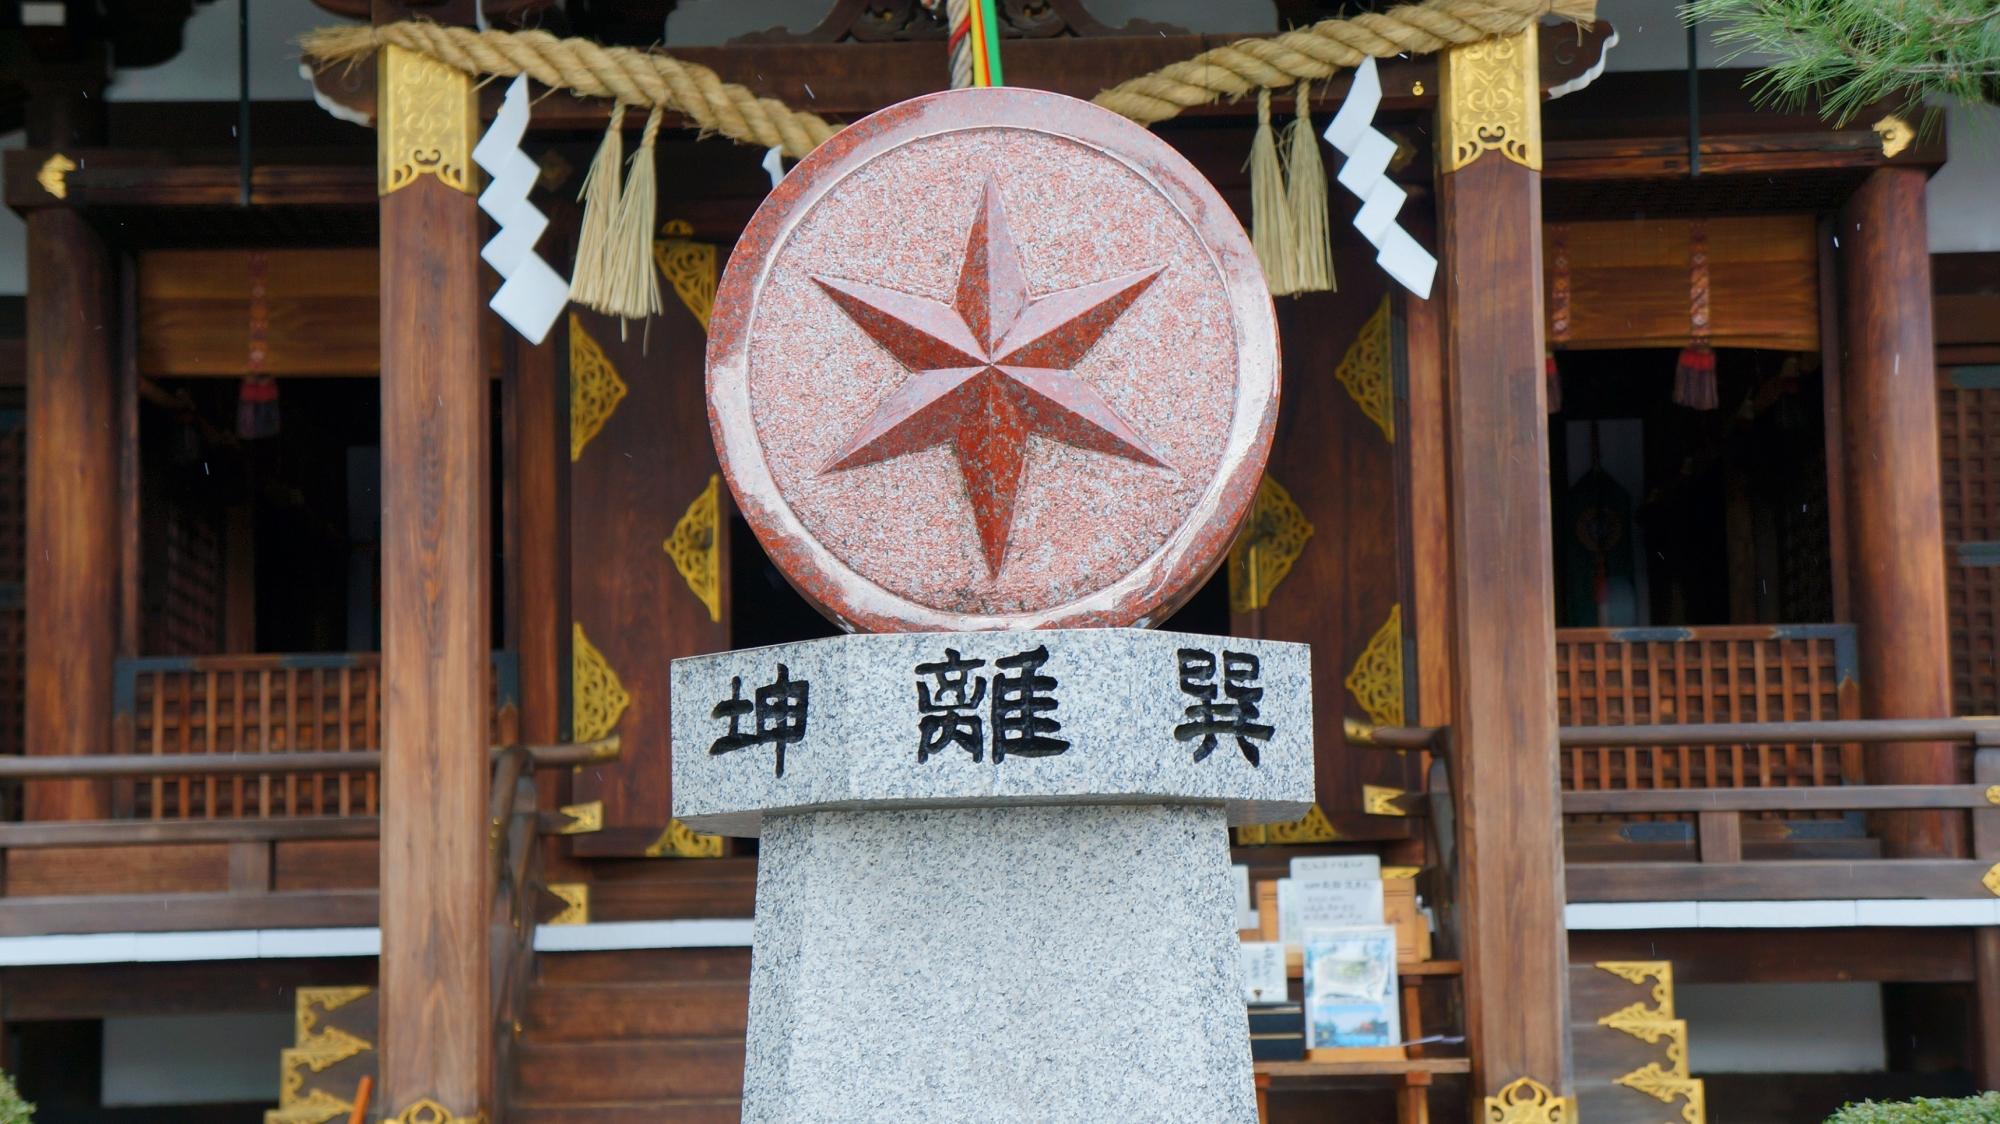 方除けの大将軍八神社の方位と星回りのモニュメント